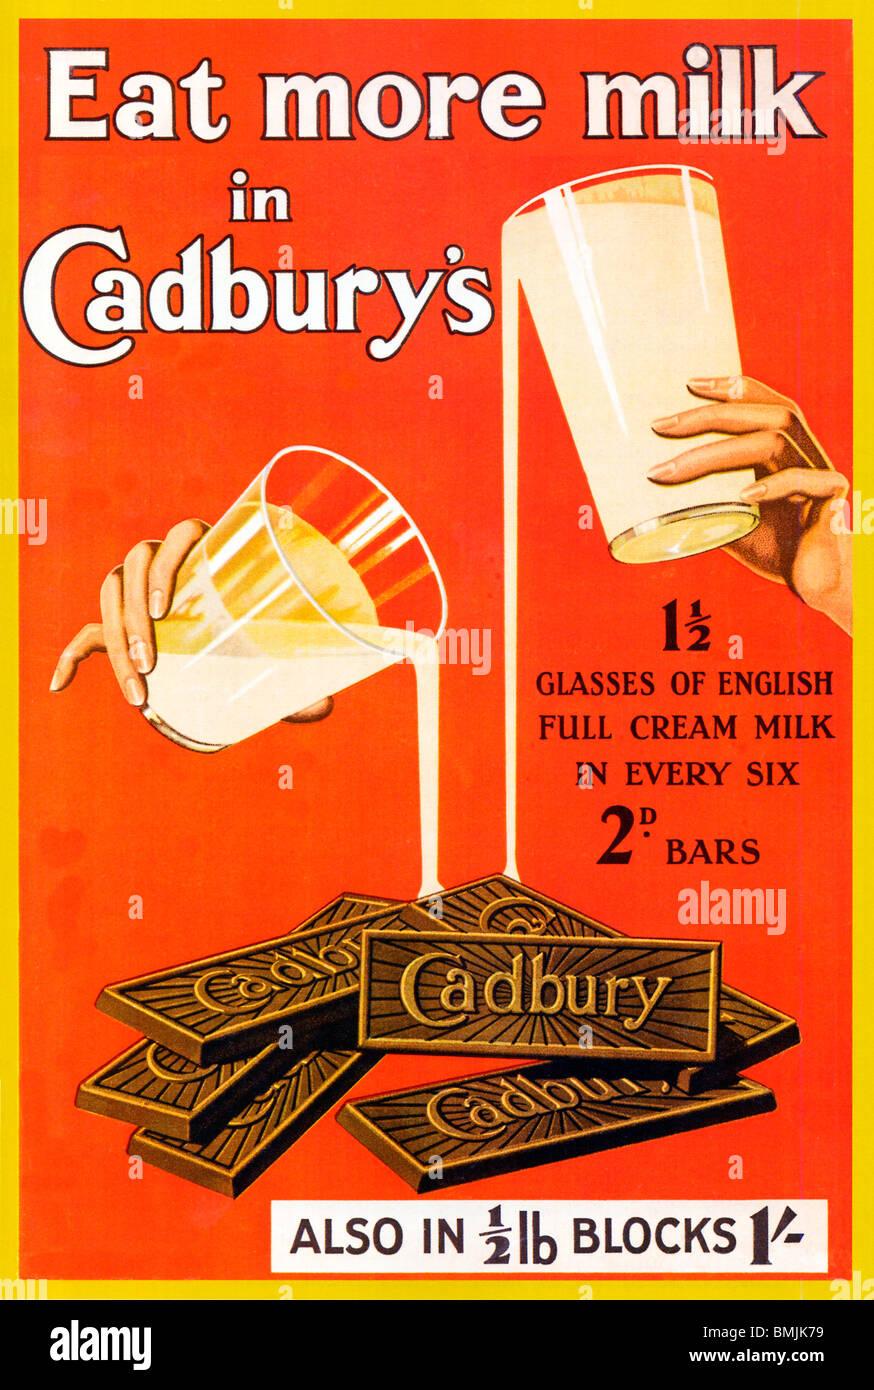 Comer más leche en Cadbury's, 1920 cartel del inglés barras de chocolate y manzanas Imagen De Stock